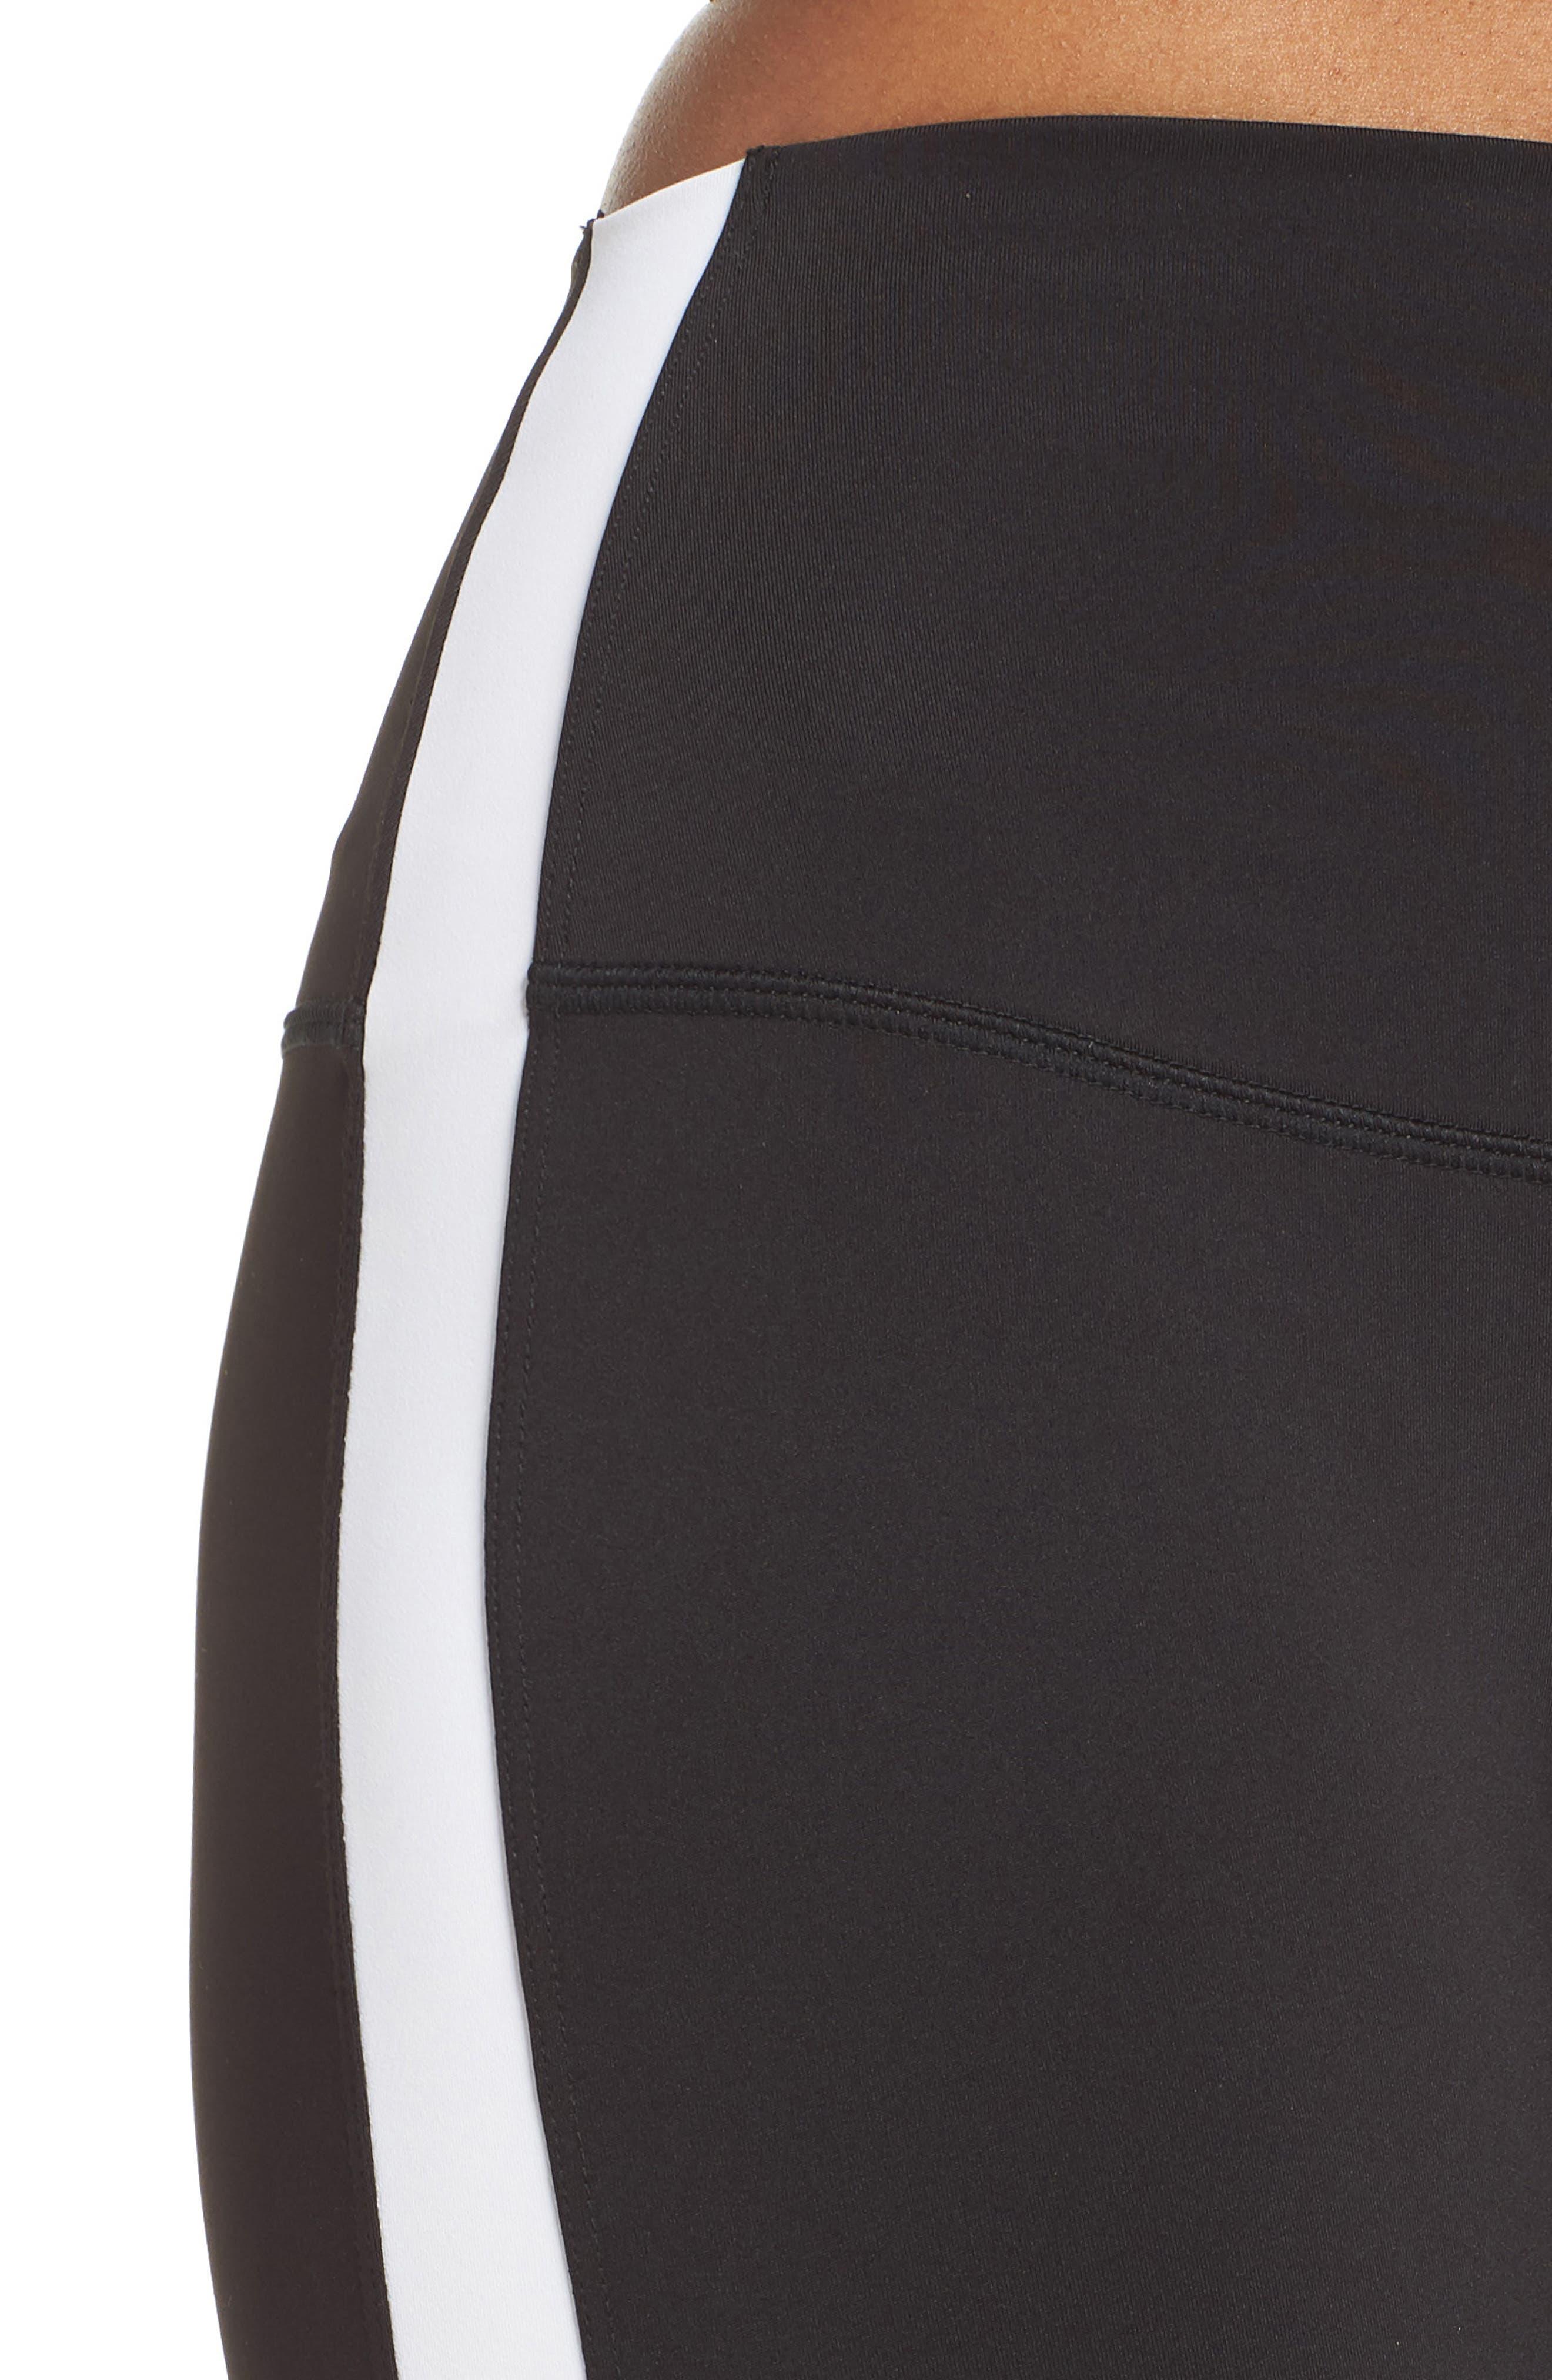 Rose High Waist Capri Leggings,                             Alternate thumbnail 4, color,                             Black/ Off White